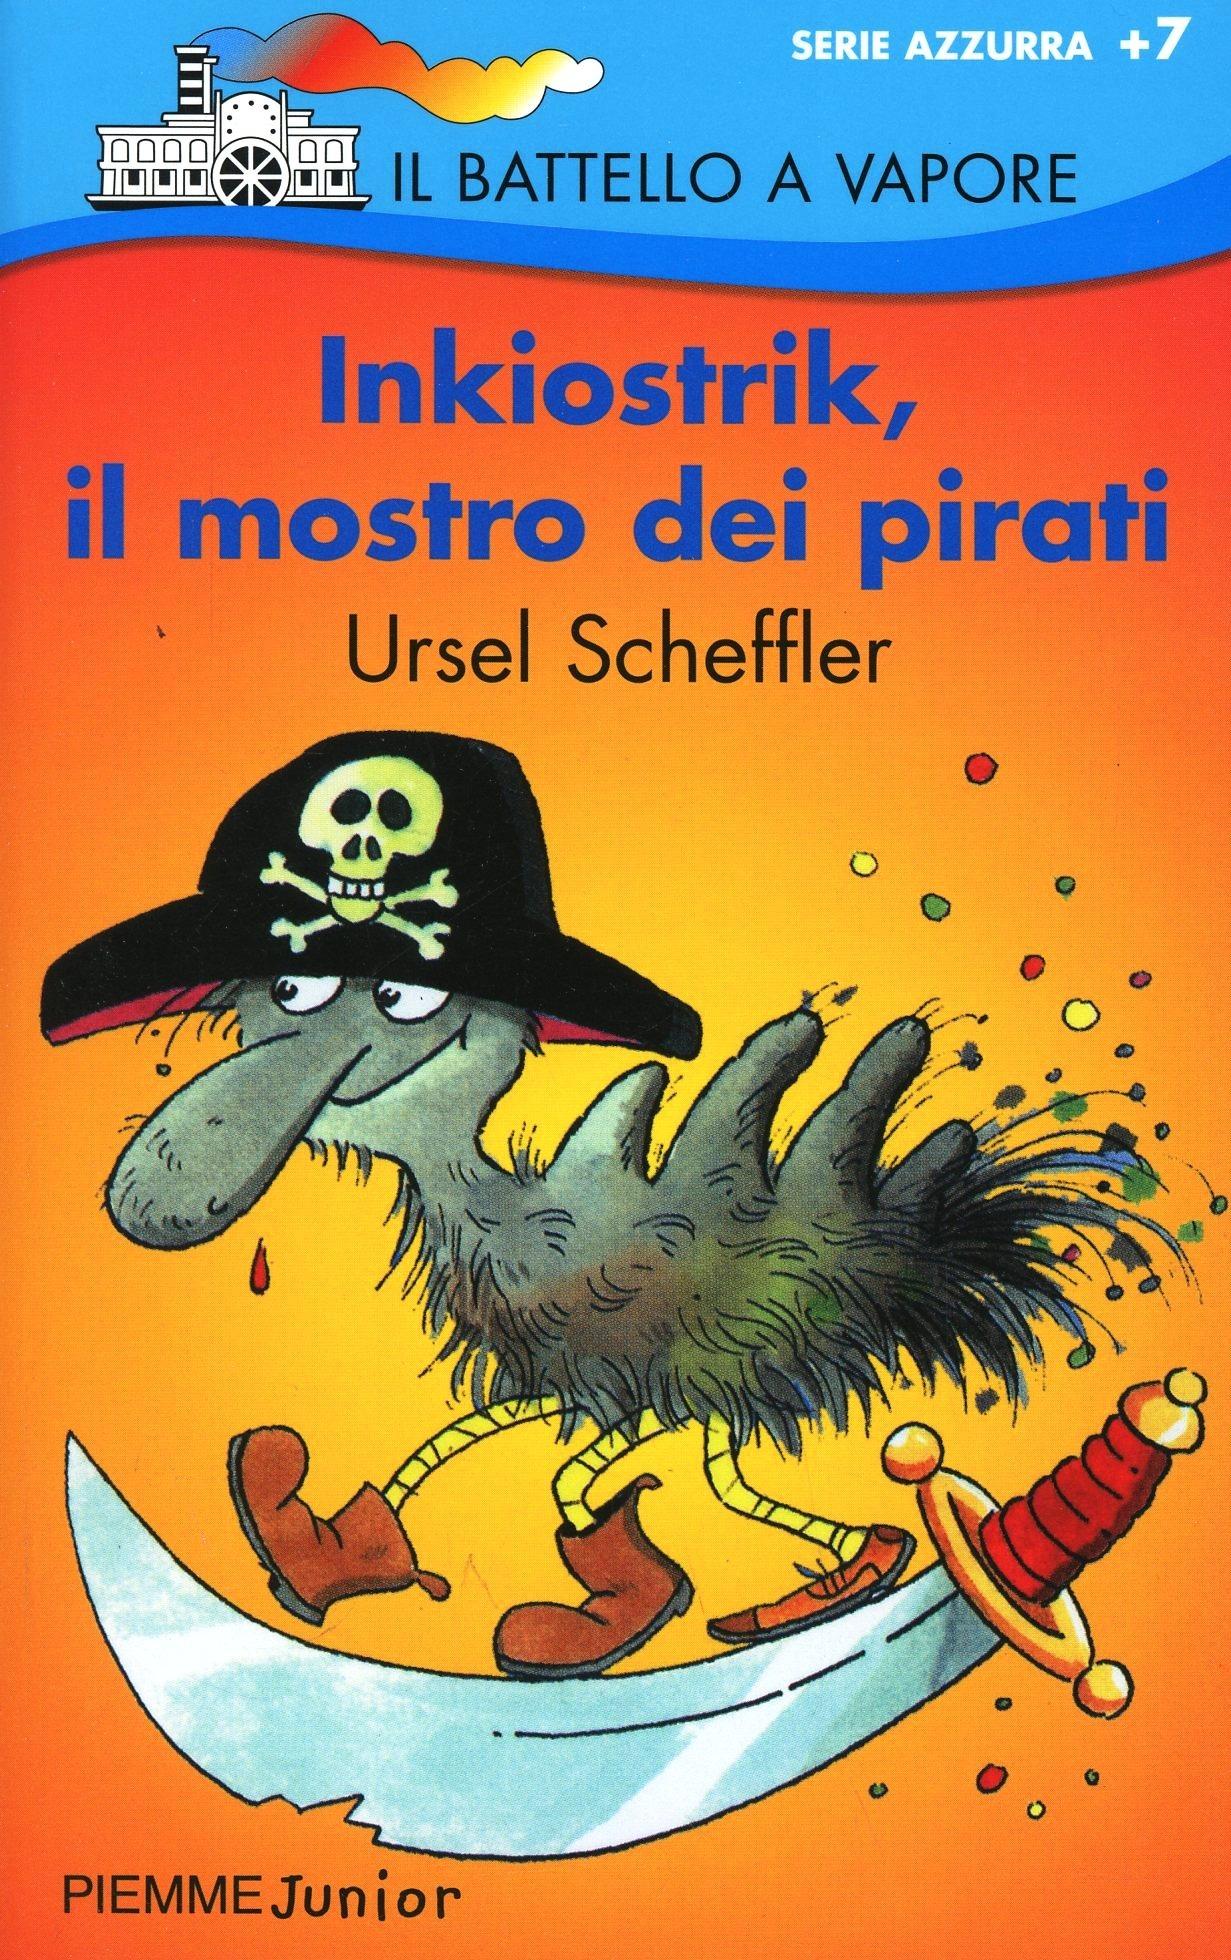 Image of (NUOVO o USATO) Inkiostrik, il mostro dei pirati